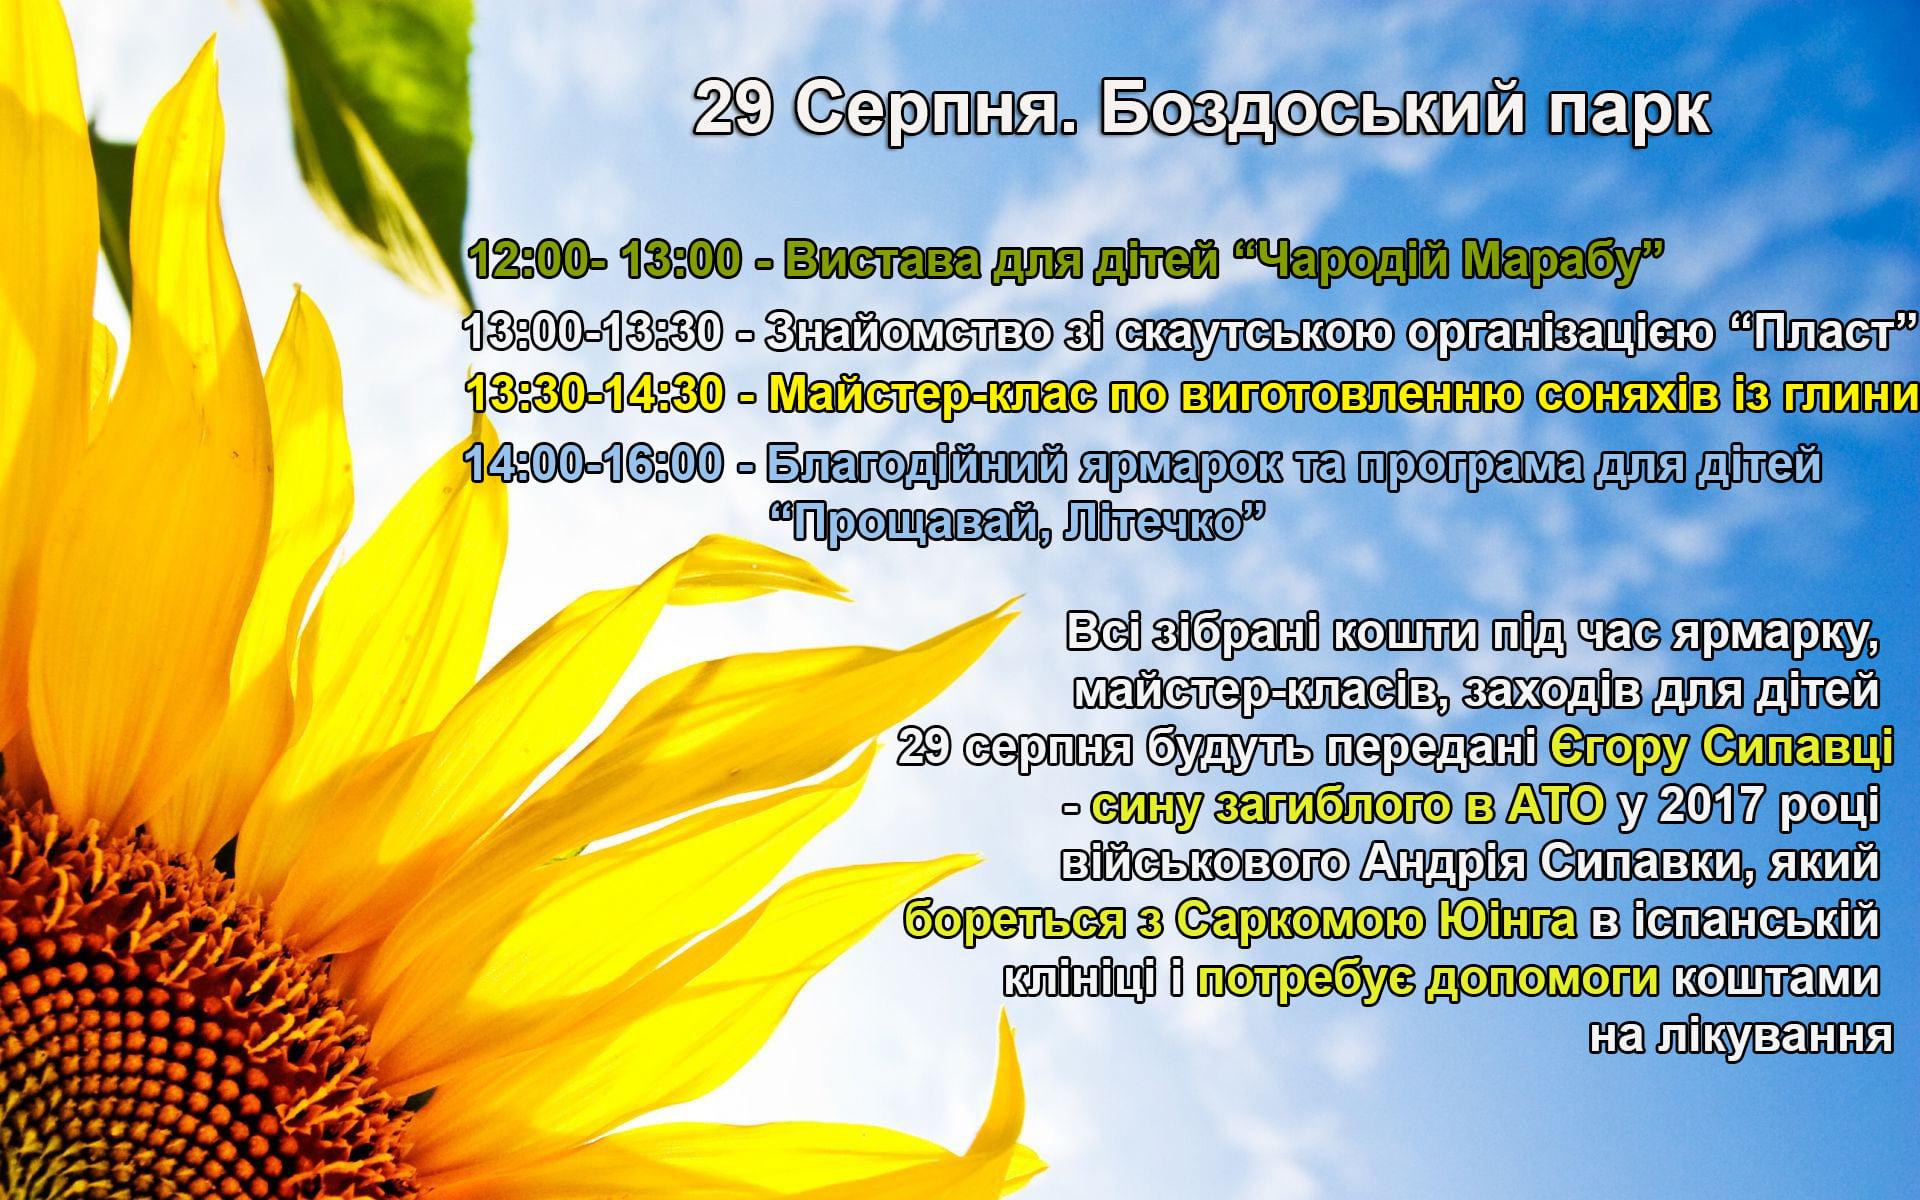 Цієї неділі у Боздоському парку в Ужгороді пройде благодійний ярмарок